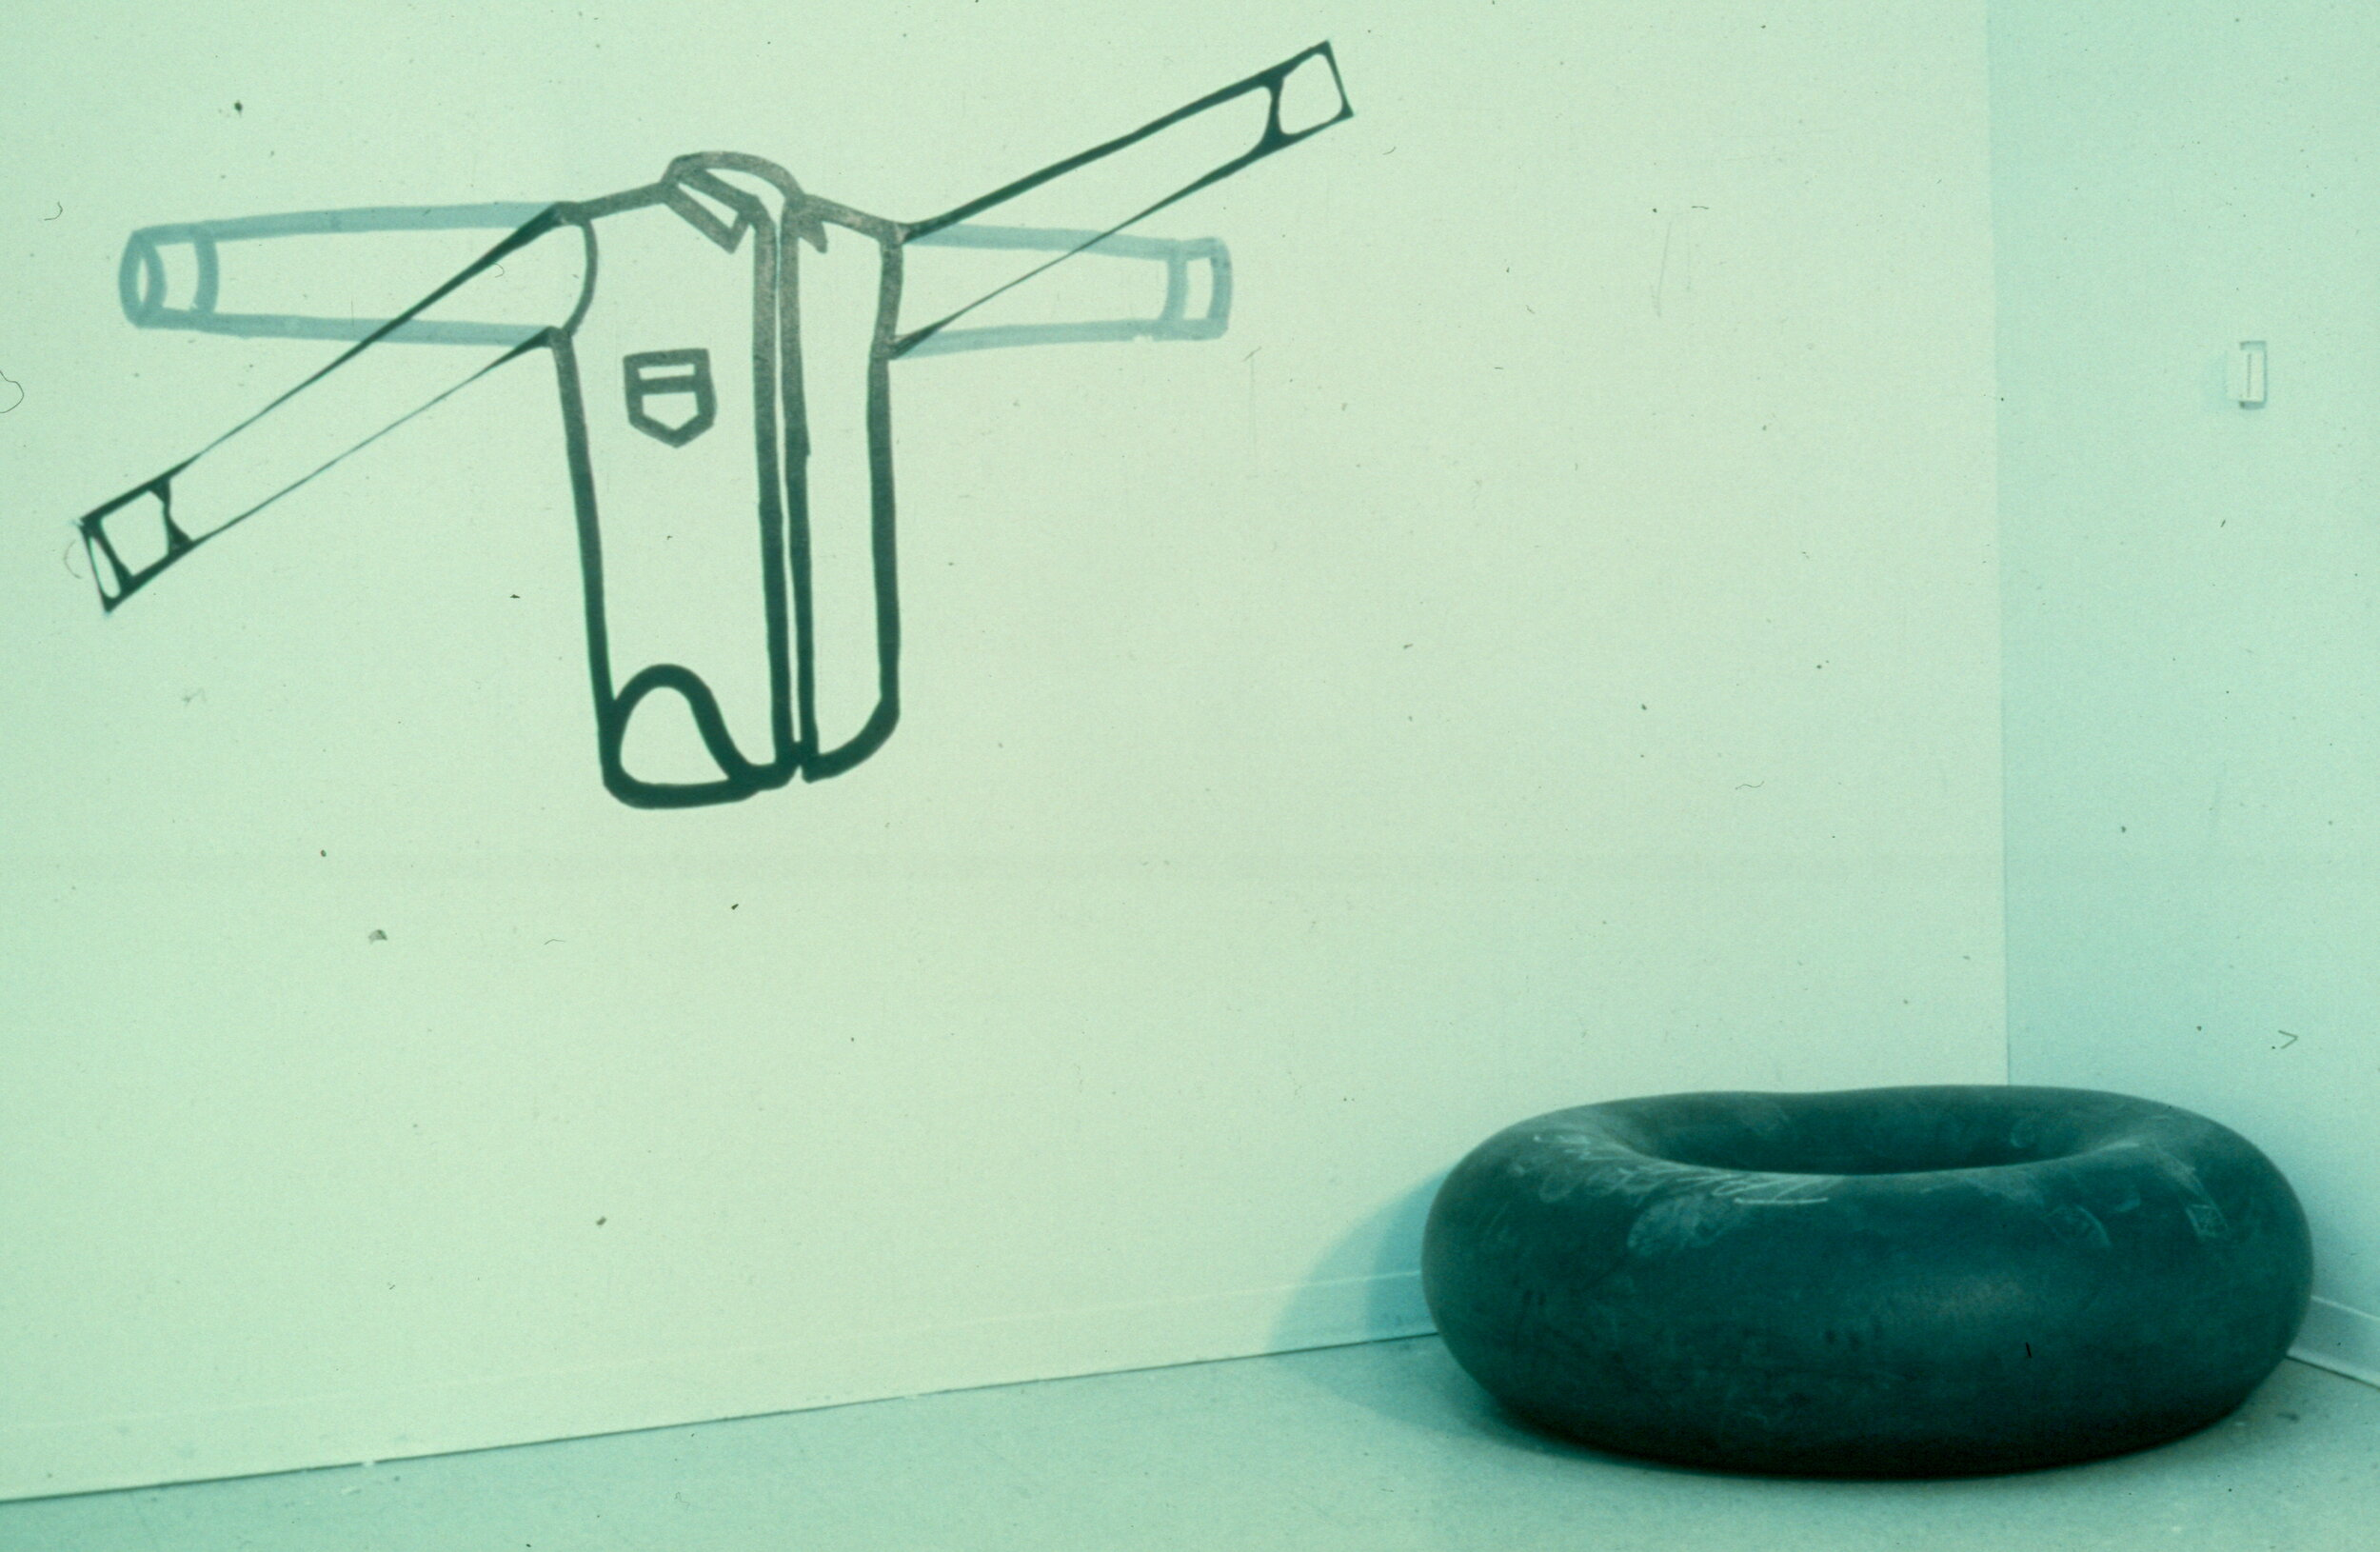 96-03 Brian Jungen (Untitled).jpg